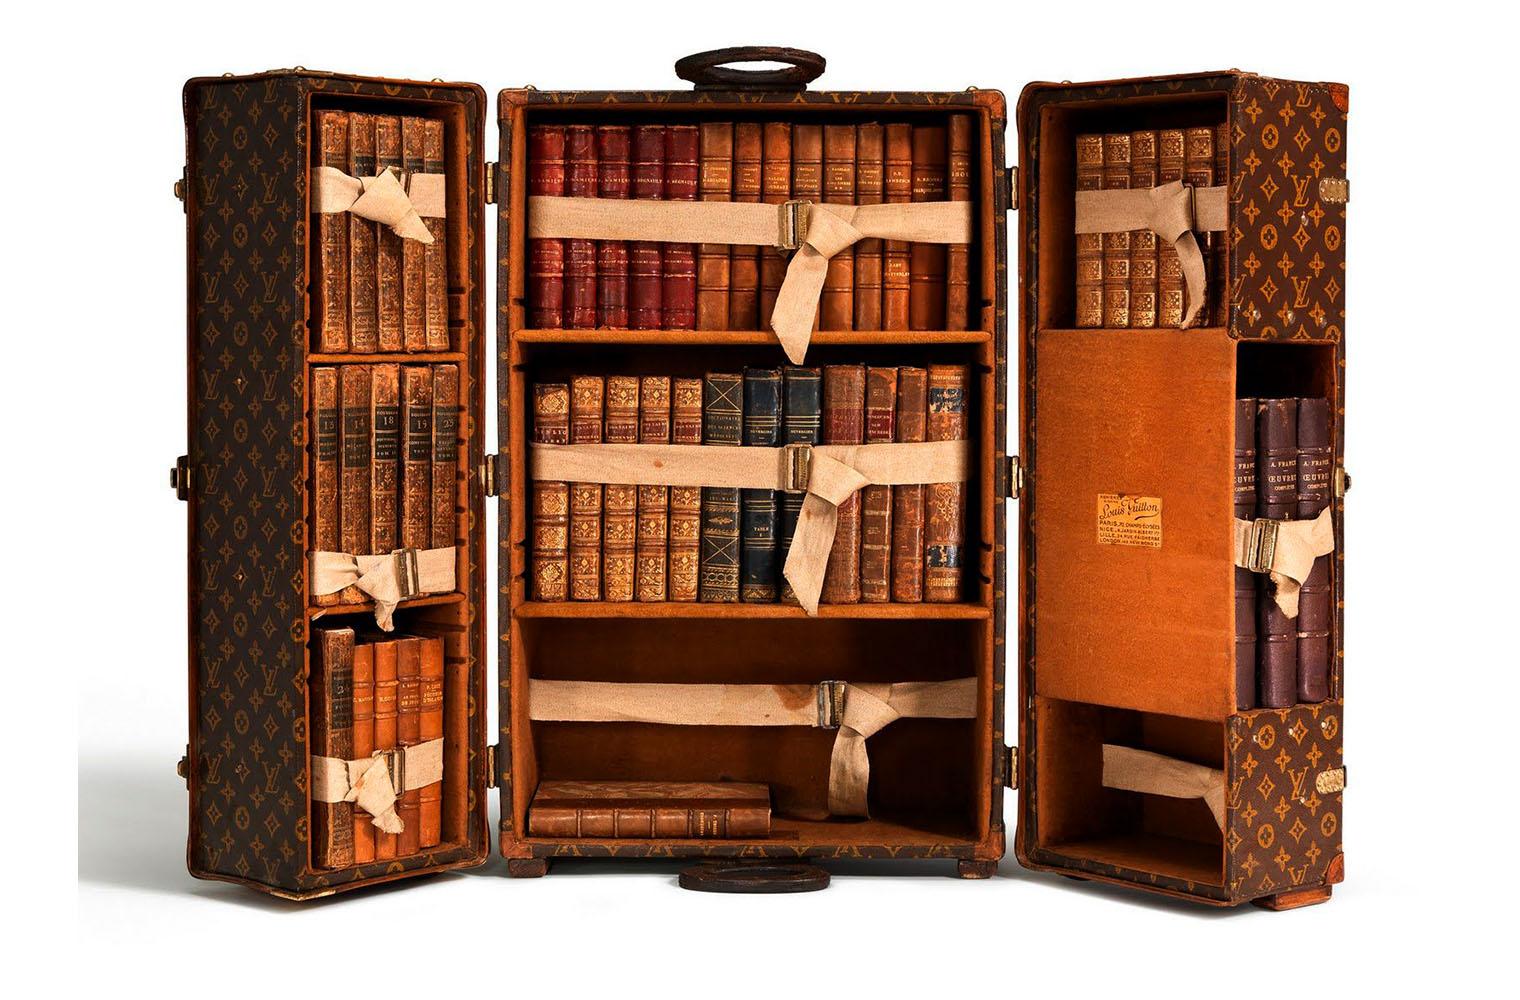 Чемодан-библиотека Louis Vuitton